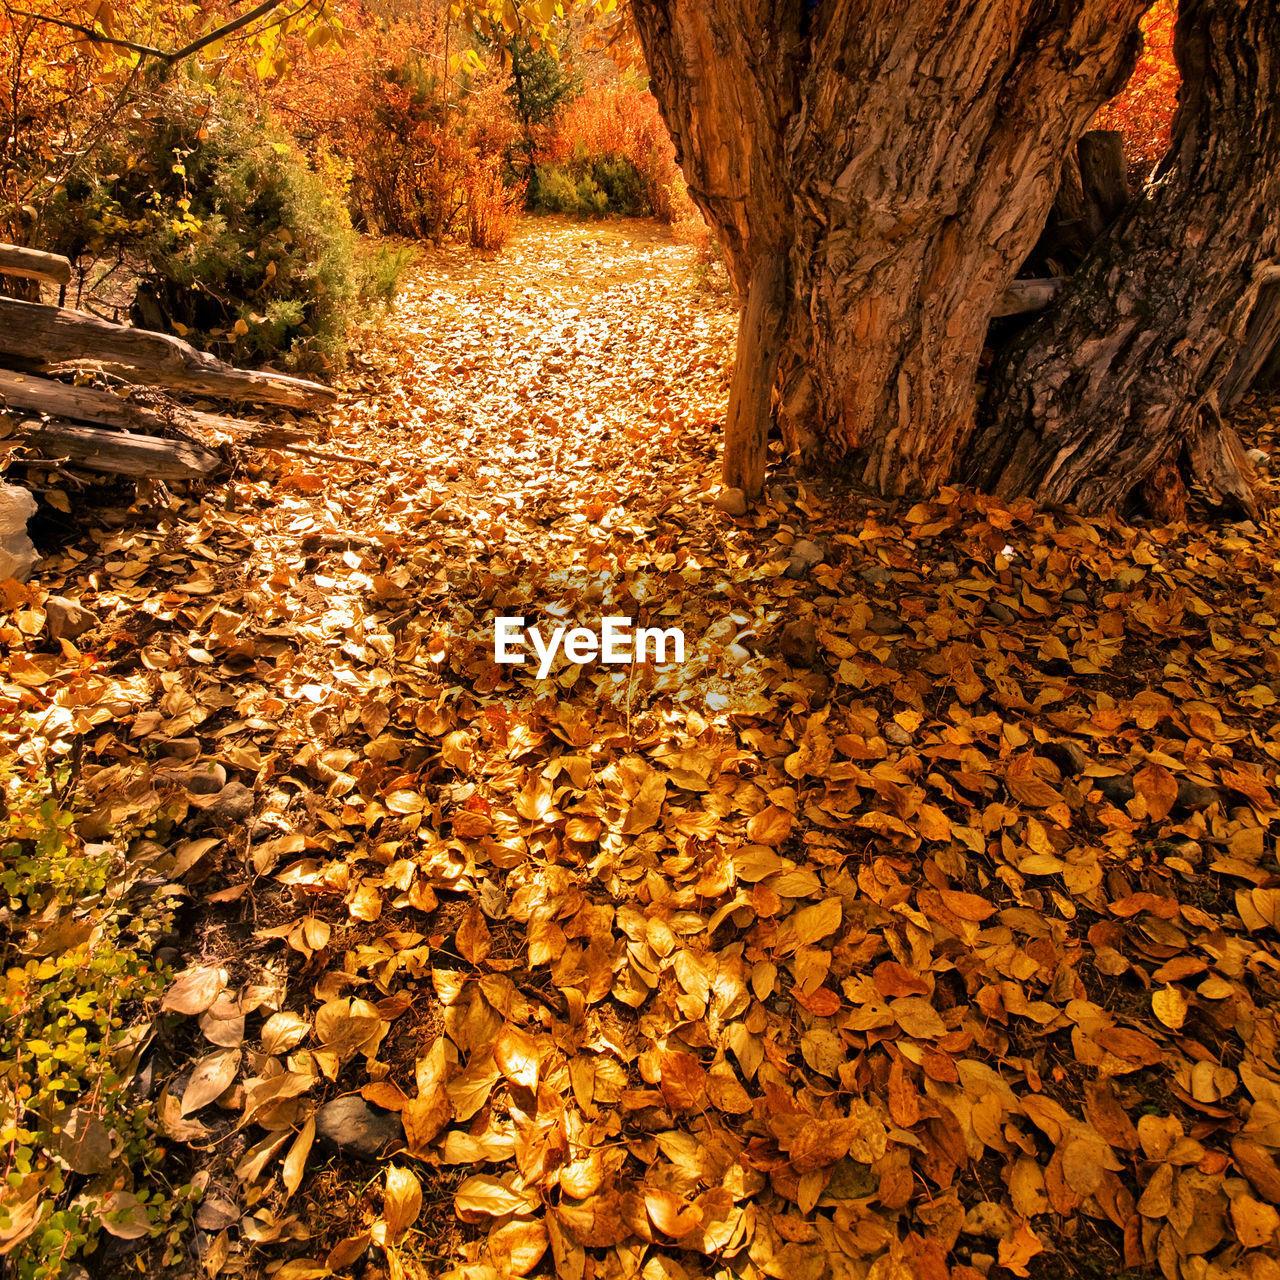 Fallen Maple Leaves In Forest